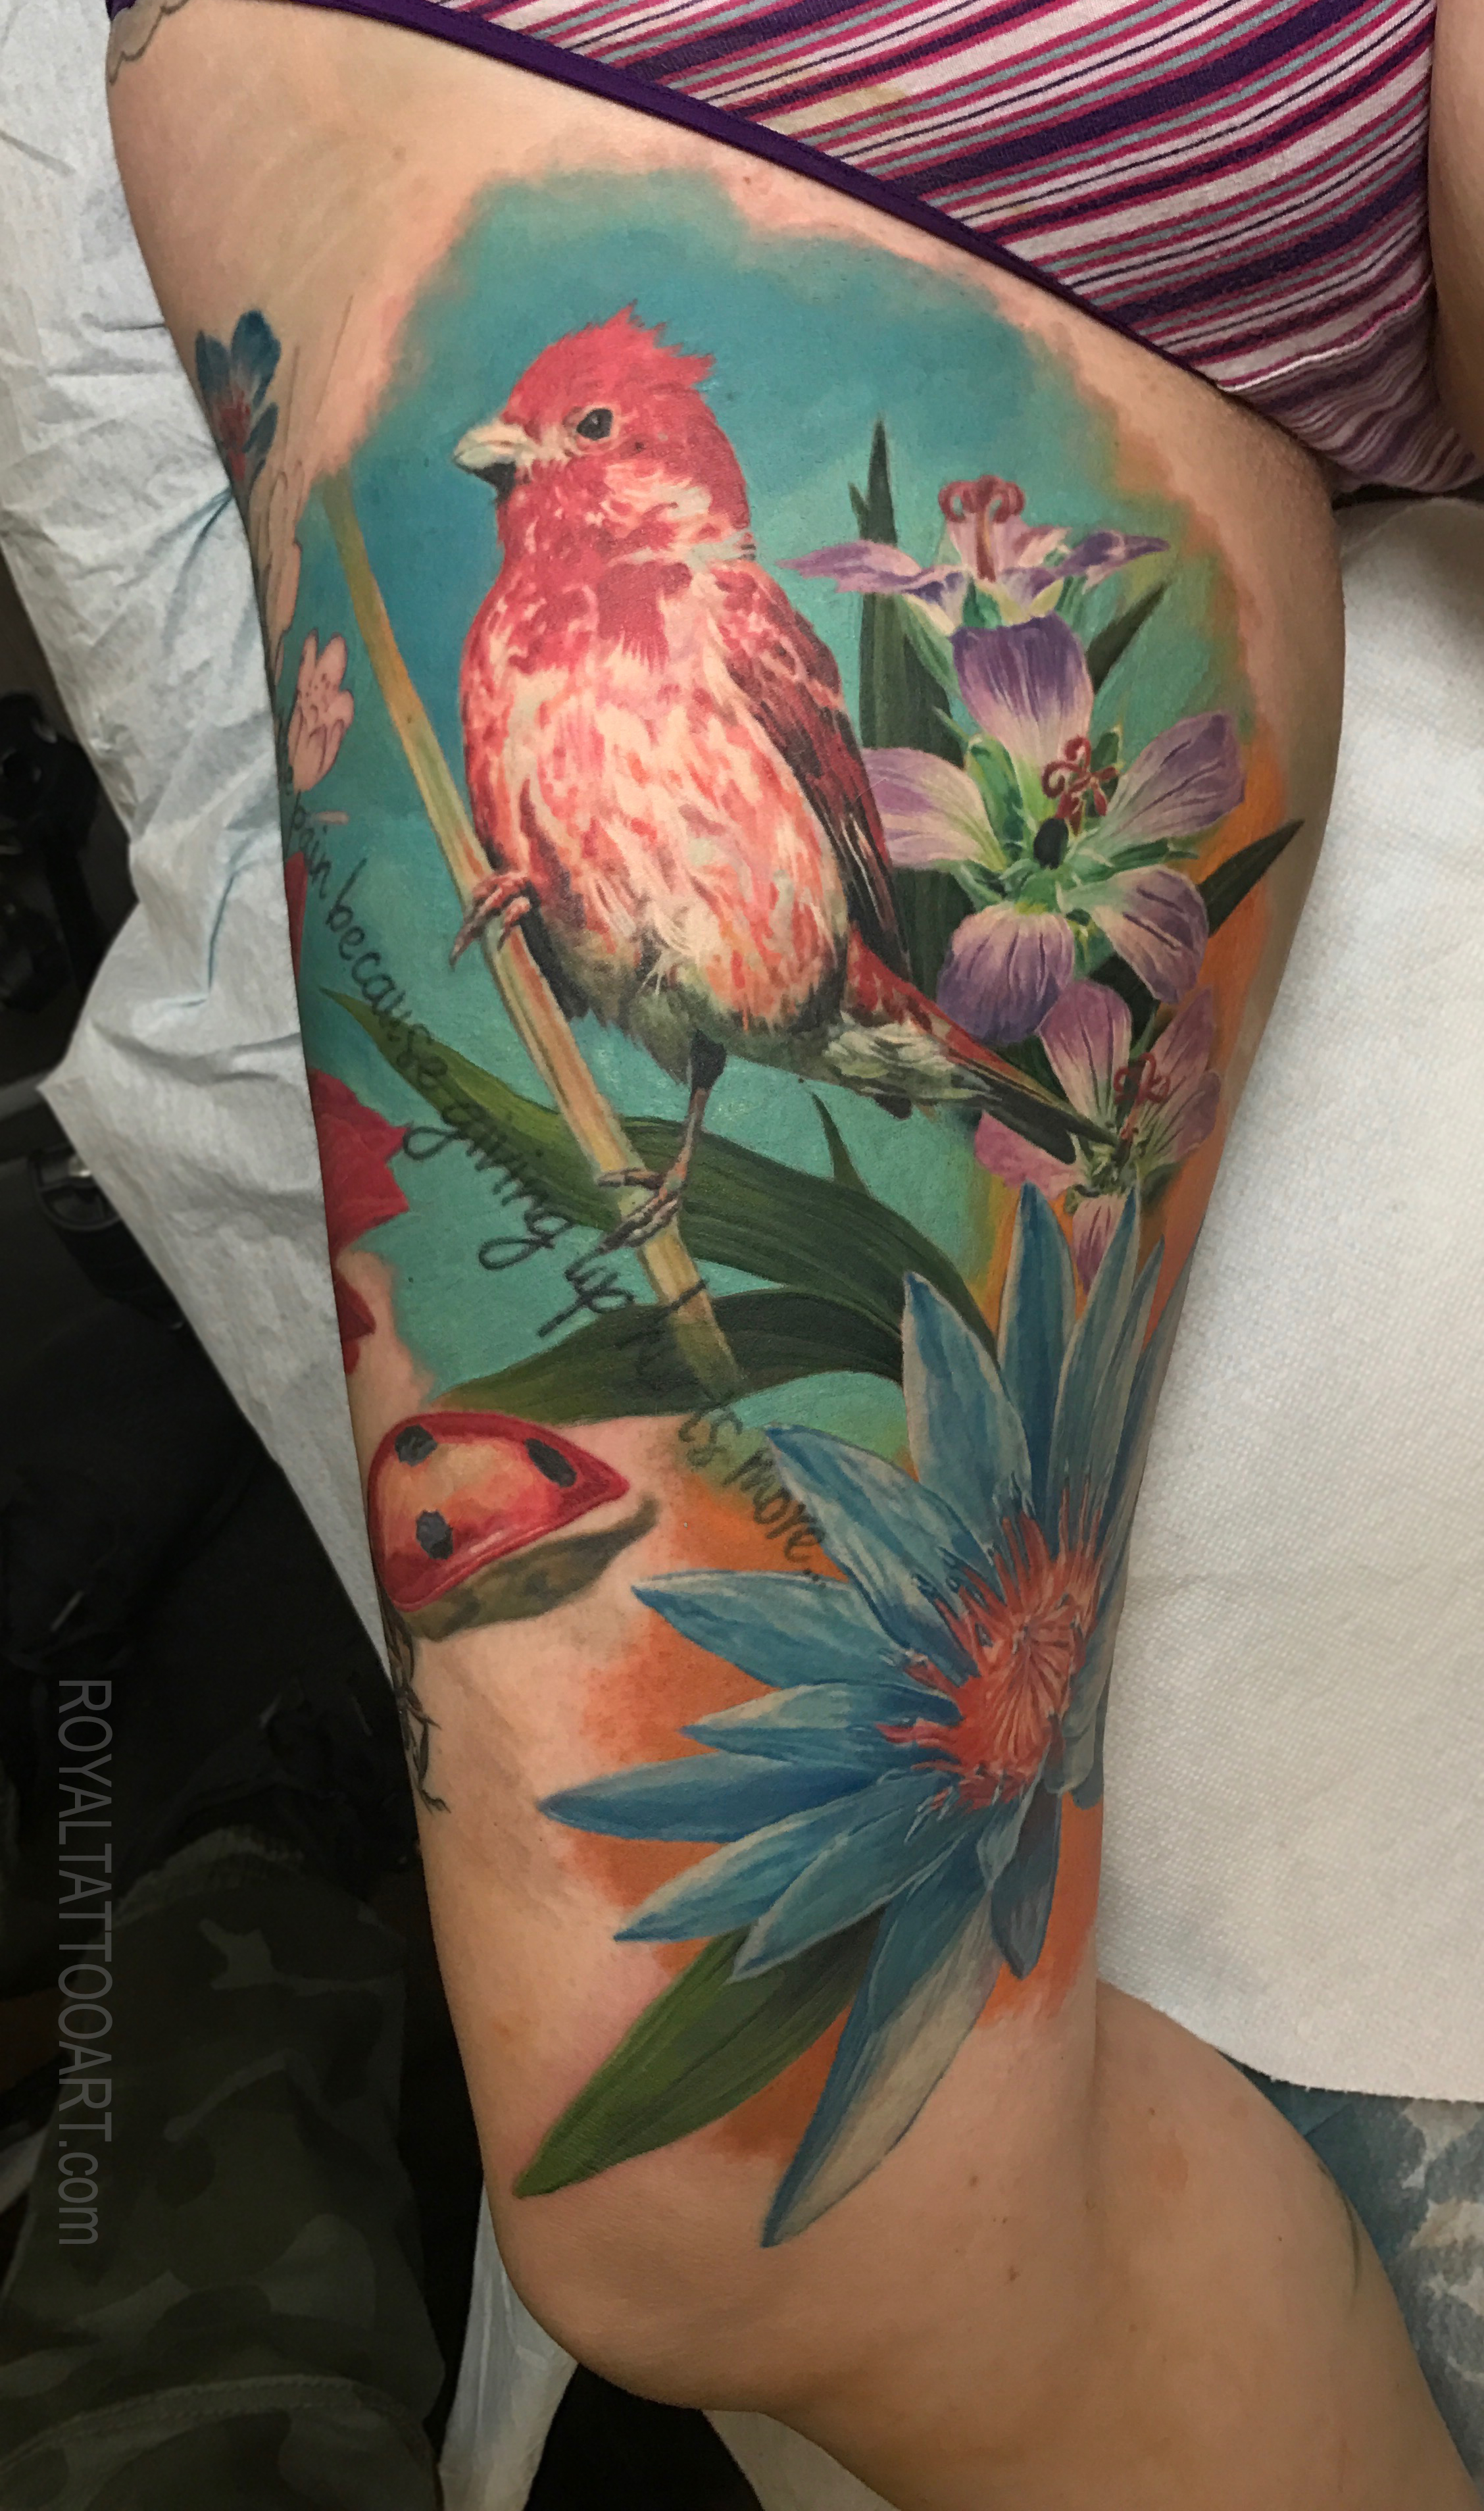 bird floral leg sleeve in progress